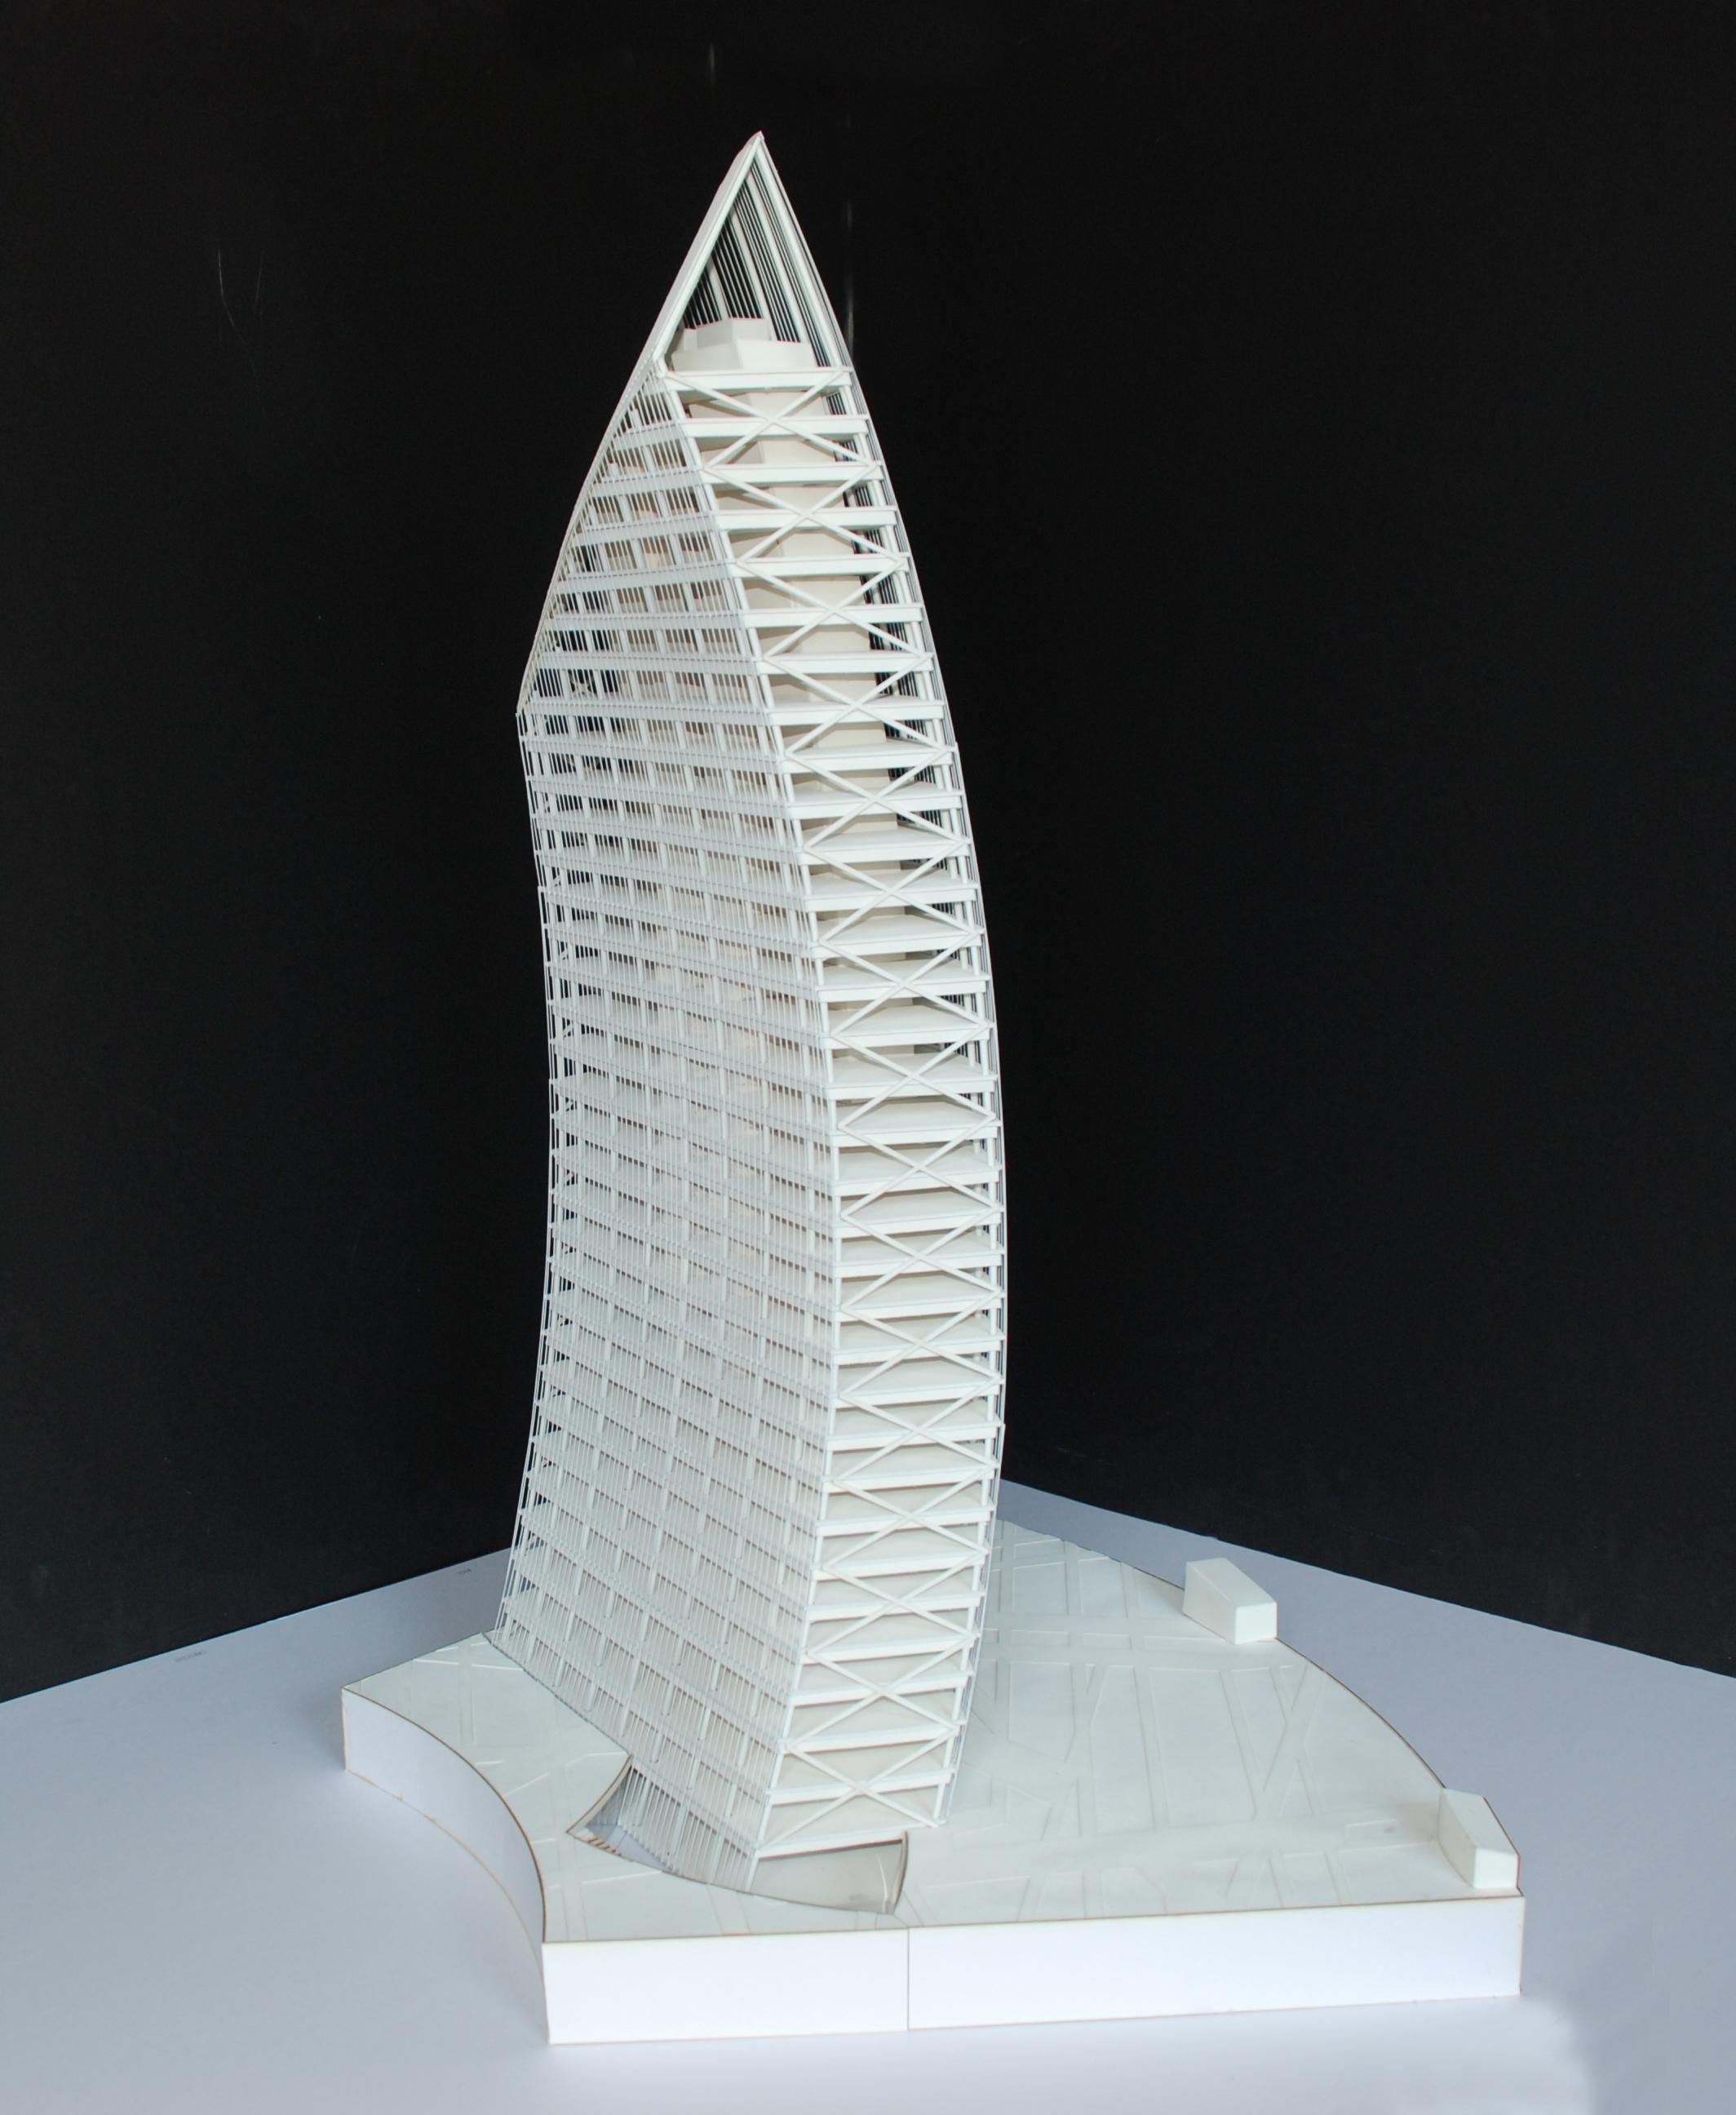 Zaha Hadid Buildings >> CityLife, PwC Tower - Libeskind